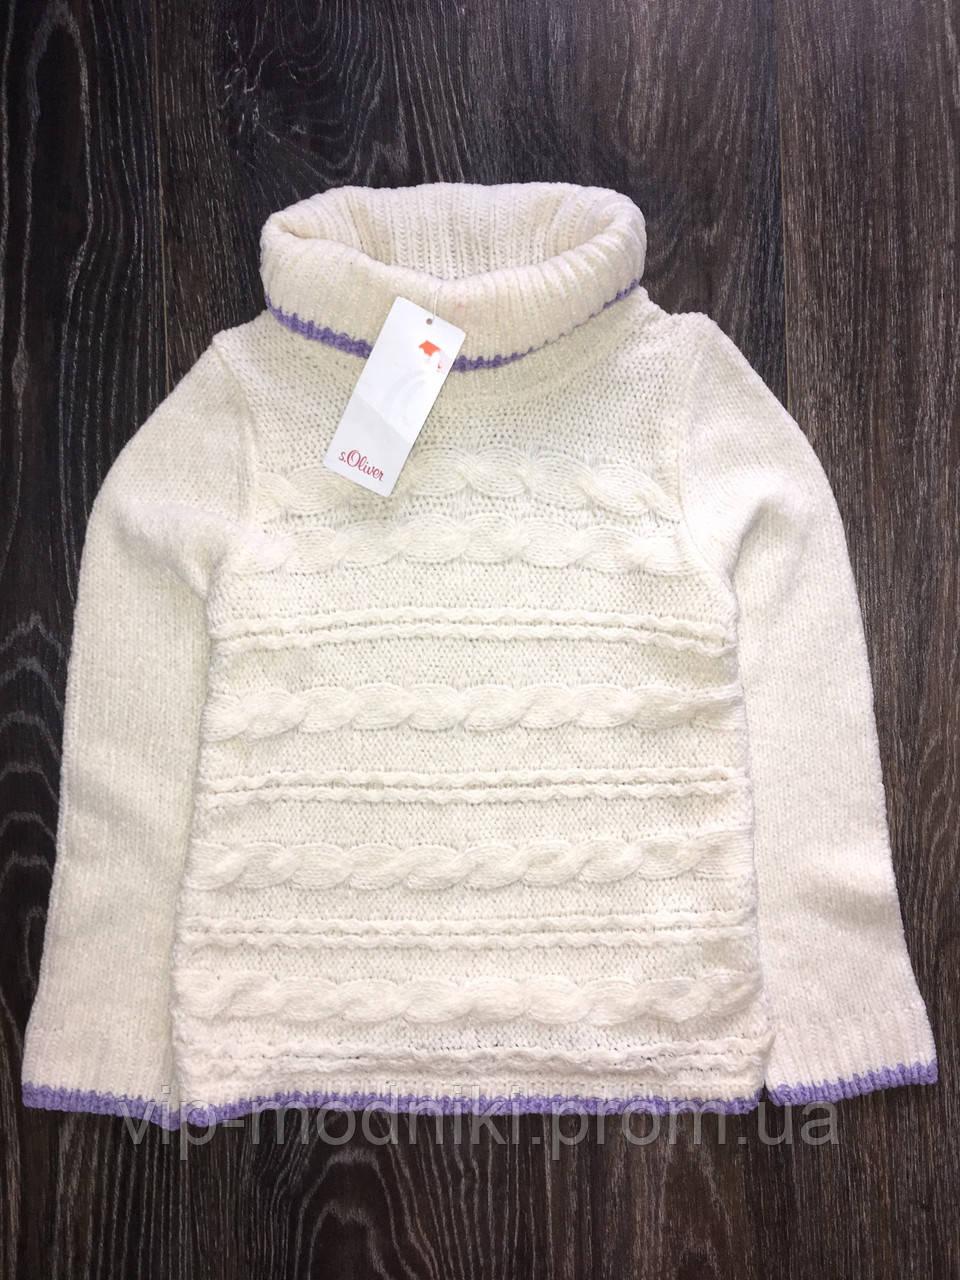 Пуловер теплый на девочку от s.oliver Оригинал!Индонезия производитель.Размер 128/134 8-9 лет.